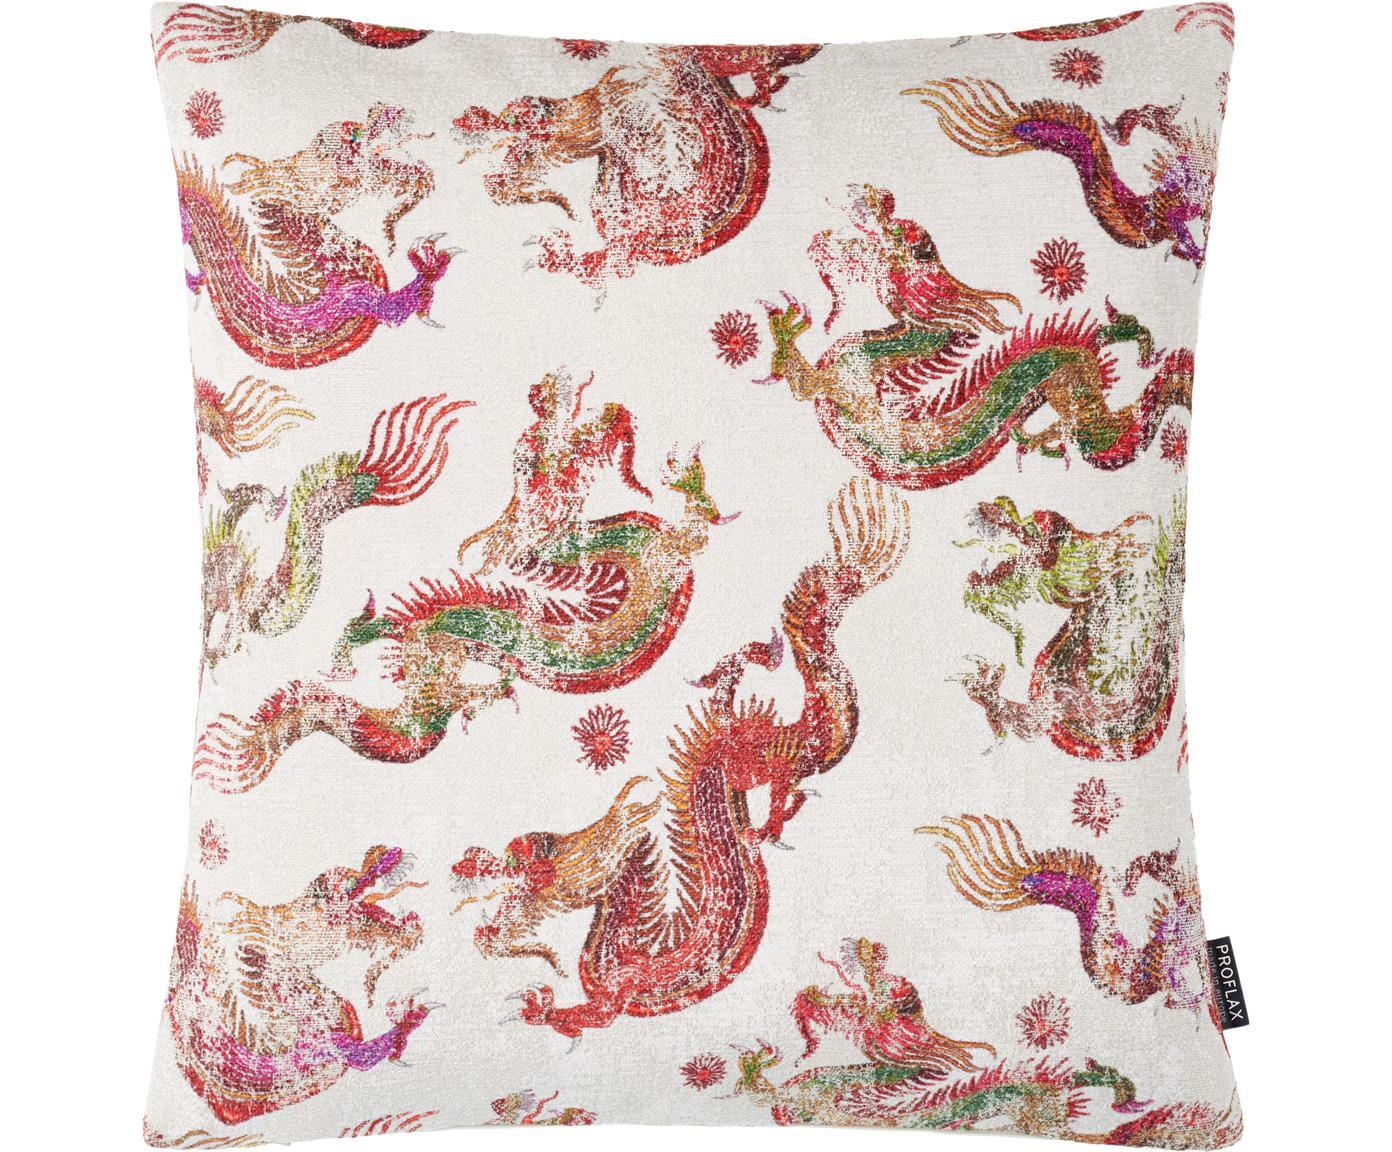 Povlak na polštář s motivem draků Dragon, Bílá, více barev